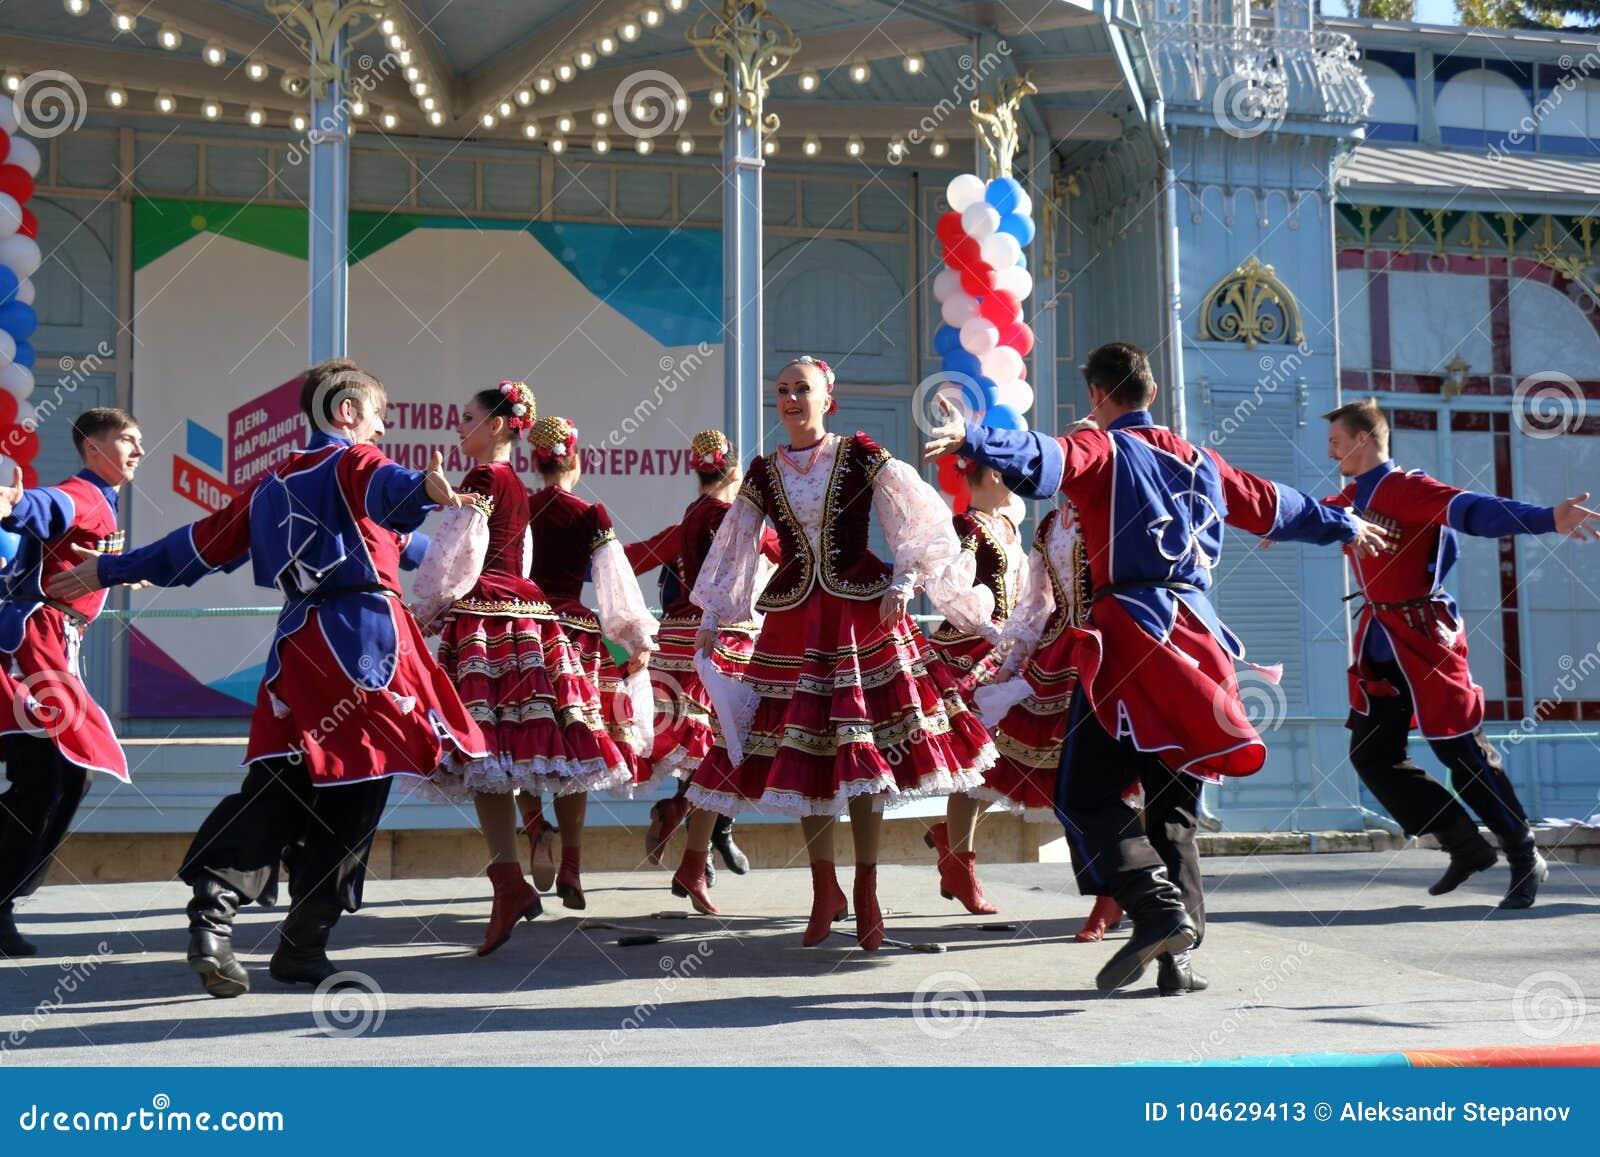 Download De Kozakdans In Traditionele Kleren Pyatigorsk, Rusland Redactionele Stock Foto - Afbeelding bestaande uit album, kostuum: 104629413